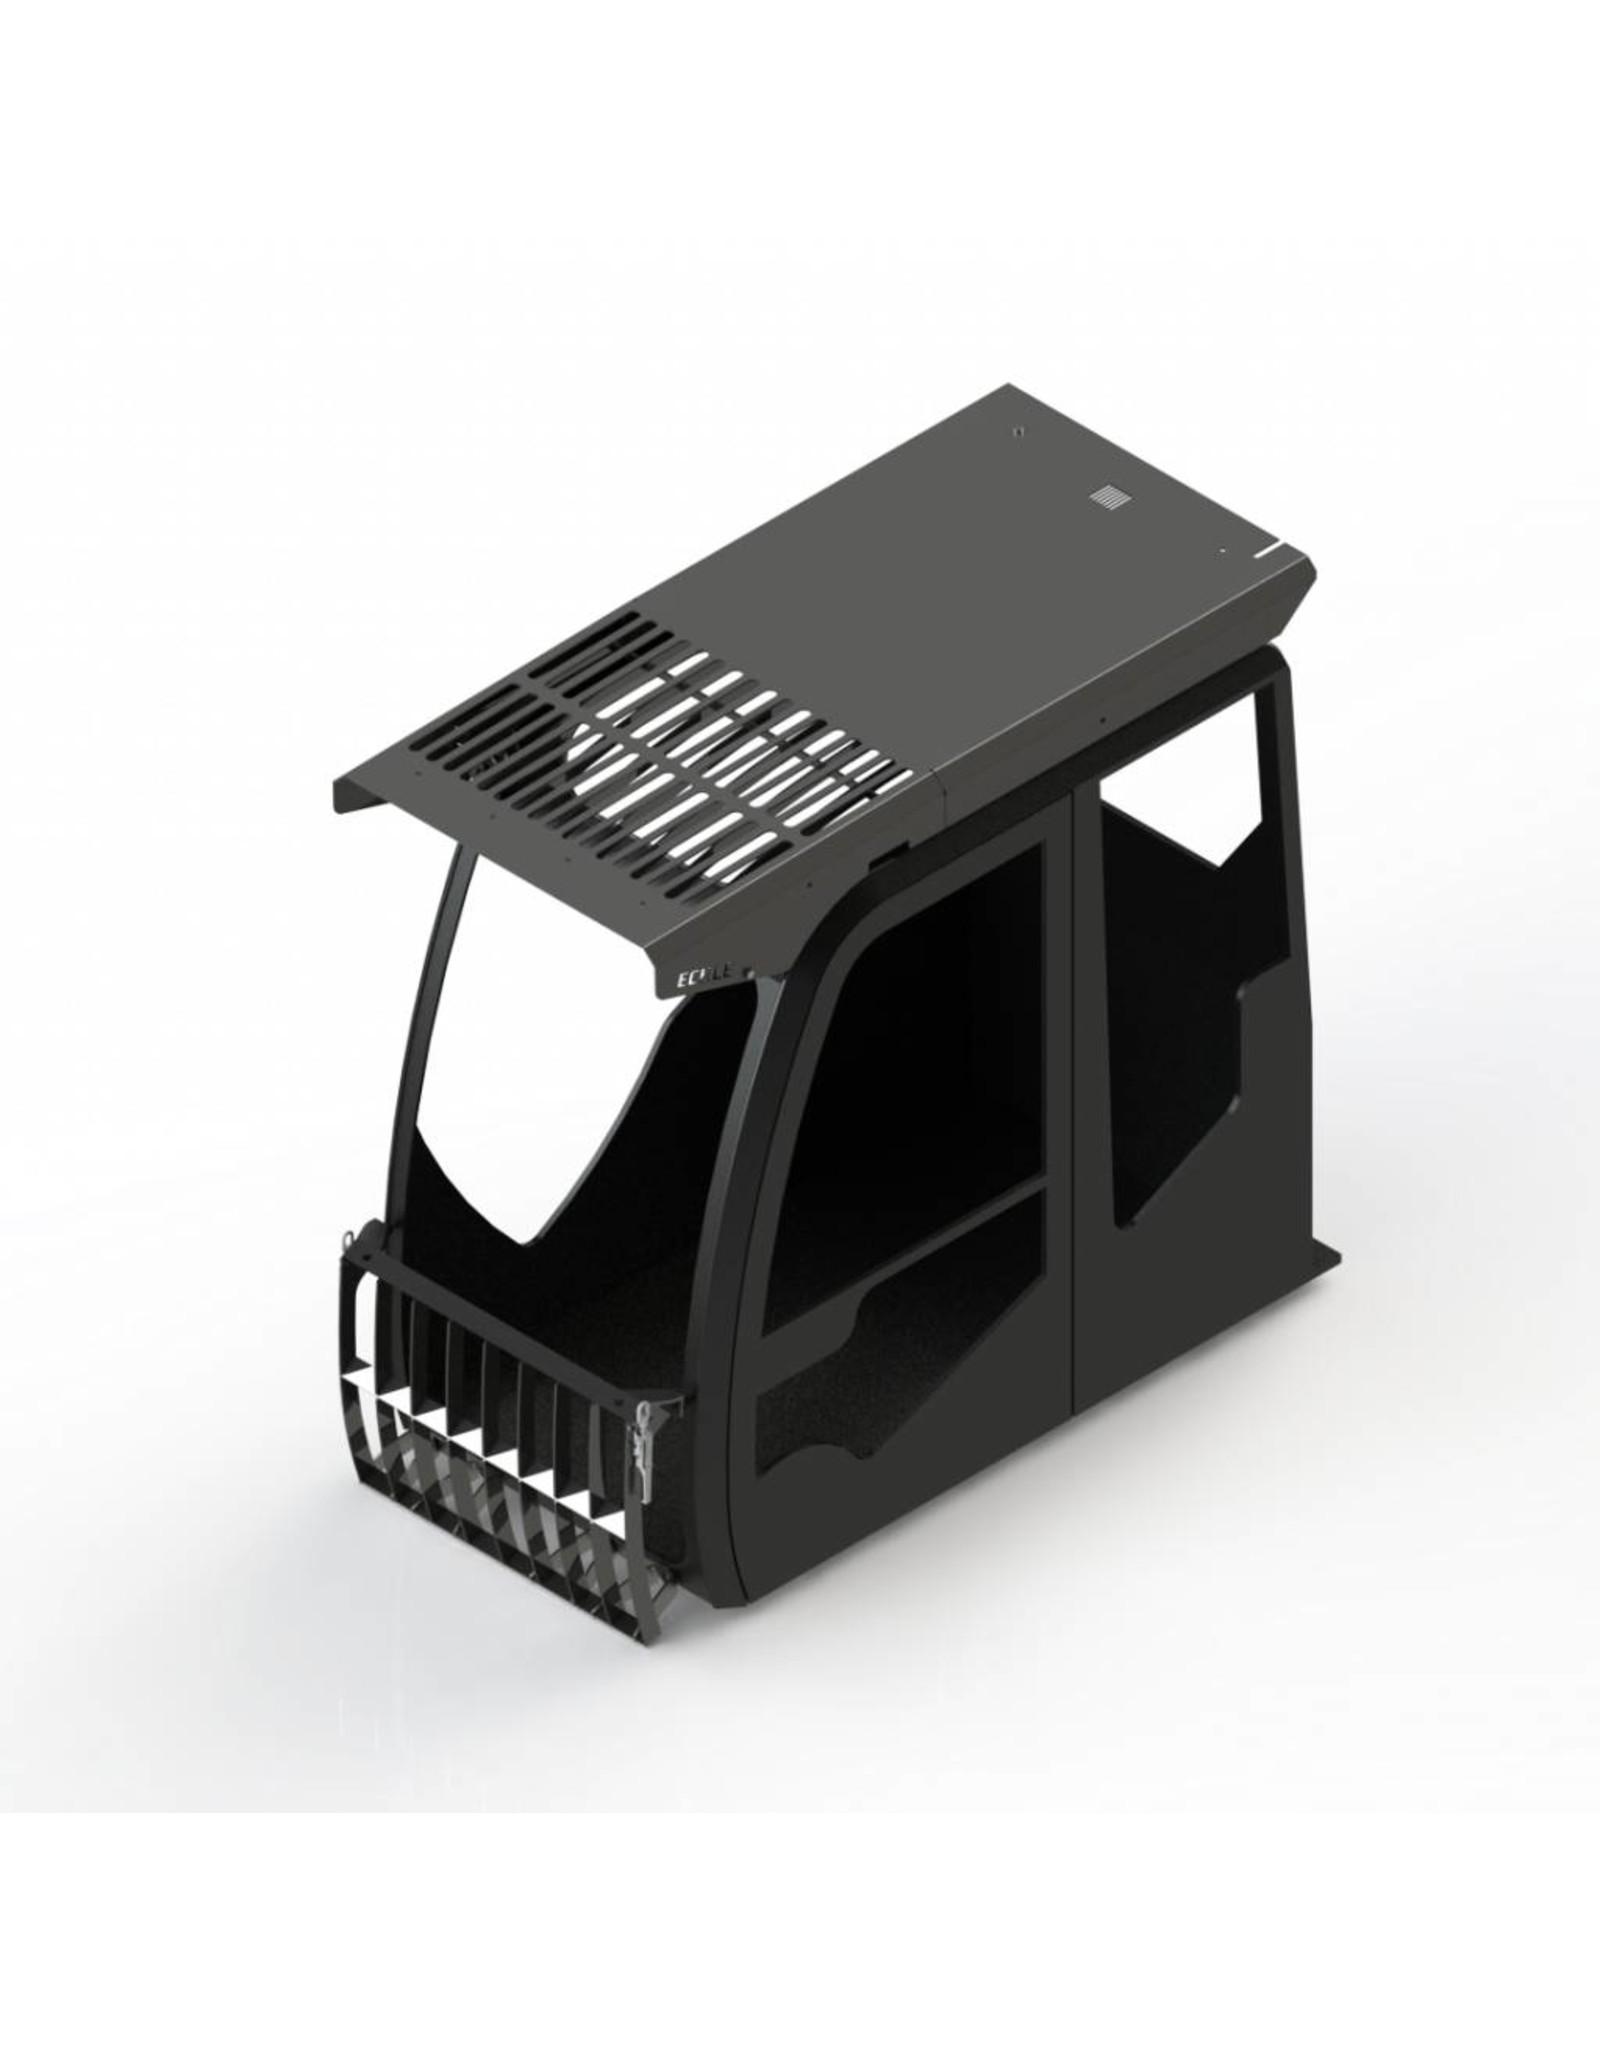 Echle Hartstahl GmbH FOPS for Doosan DX235NLC-5